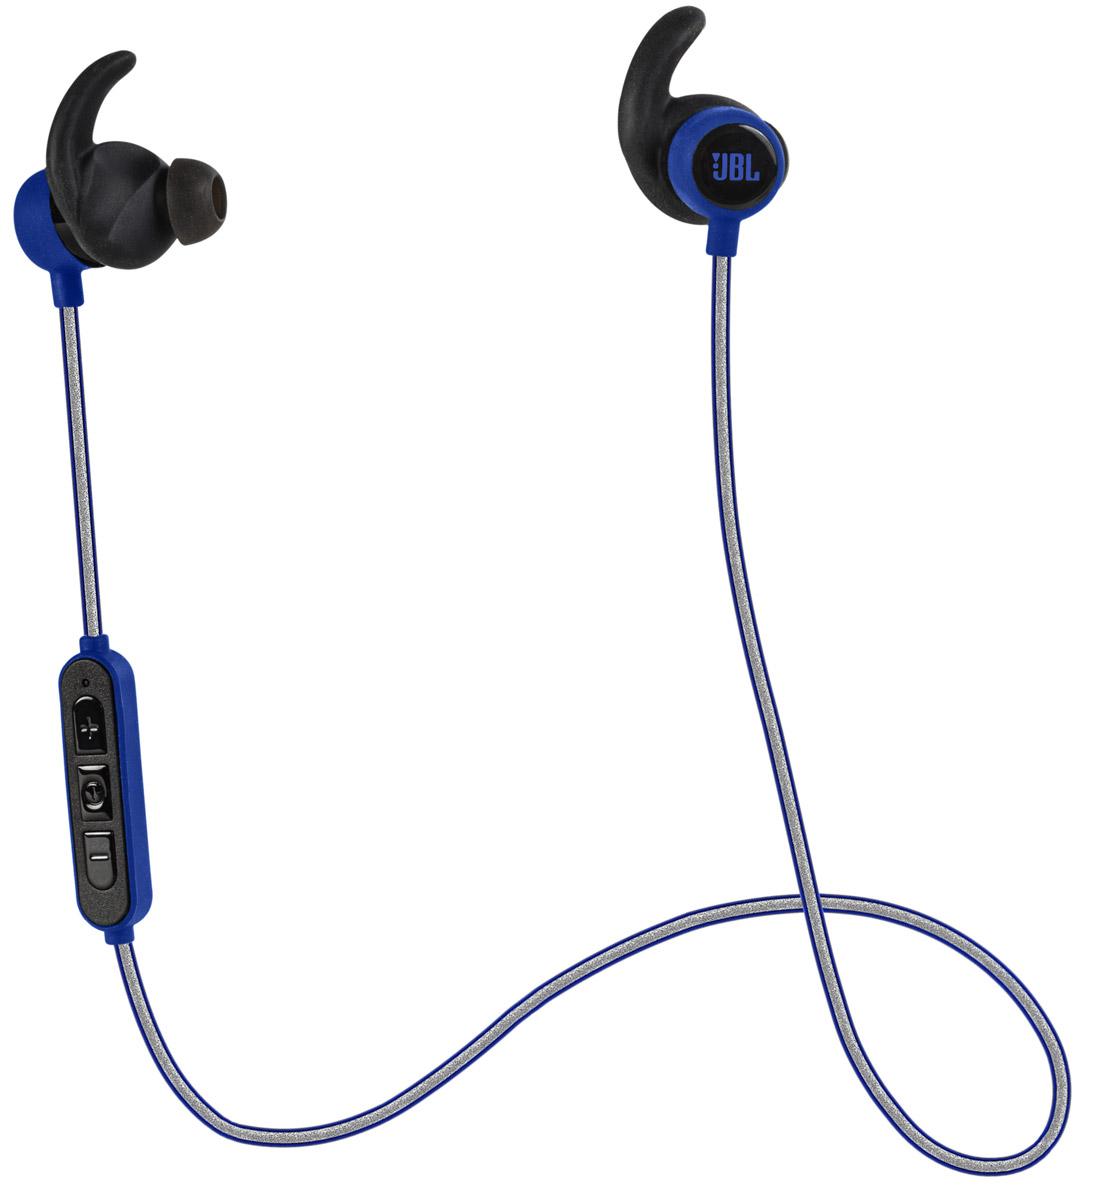 JBL Reflect Mini BT, Blue беспроводные наушникиJBLREFMINIBTBLUJBL Reflect Mini BT - это спортивные беспроводные наушники. Защищенные от капель пота, с вкладышами, не торчащими из ушей, эти сверхлегкие наушники обеспечивают потрясающее звучание JBL, вдохновляя вас на спортивные достижения. Дизайн, разработанный специально для тренировок, защитит наушники от капель пота, и они будут дарить легендарное звучание JBL несмотря ни на что.Поддержка технологии Bluetooth позволяет передавать потоковую музыку в высоком качестве с мобильных устройств. Источником звука может быть мобильный телефон, планшетное устройство или ноутбук - эта модель сможет с ним работать. Выполняйте кроссфит с уверенностью и тренируйтесь с легкостью, поскольку спортивные Bluetooth-наушники JBL Reflect Mini не ограничивают вас проводами и обеспечивают 8 часов воспроизведения через высококачественные 5,8-мм мембраны. Пульт управления и микрофон, управляемые одной кнопкой, стильный ассортимент цветов и возможность с легкостью очищать наушники после использования понравятся в равной степени как тем, кто обращается к спорту лишь по выходным, так и серьезным спортсменам.Светоотражающий кабель хорошо заметен в темное время суток.